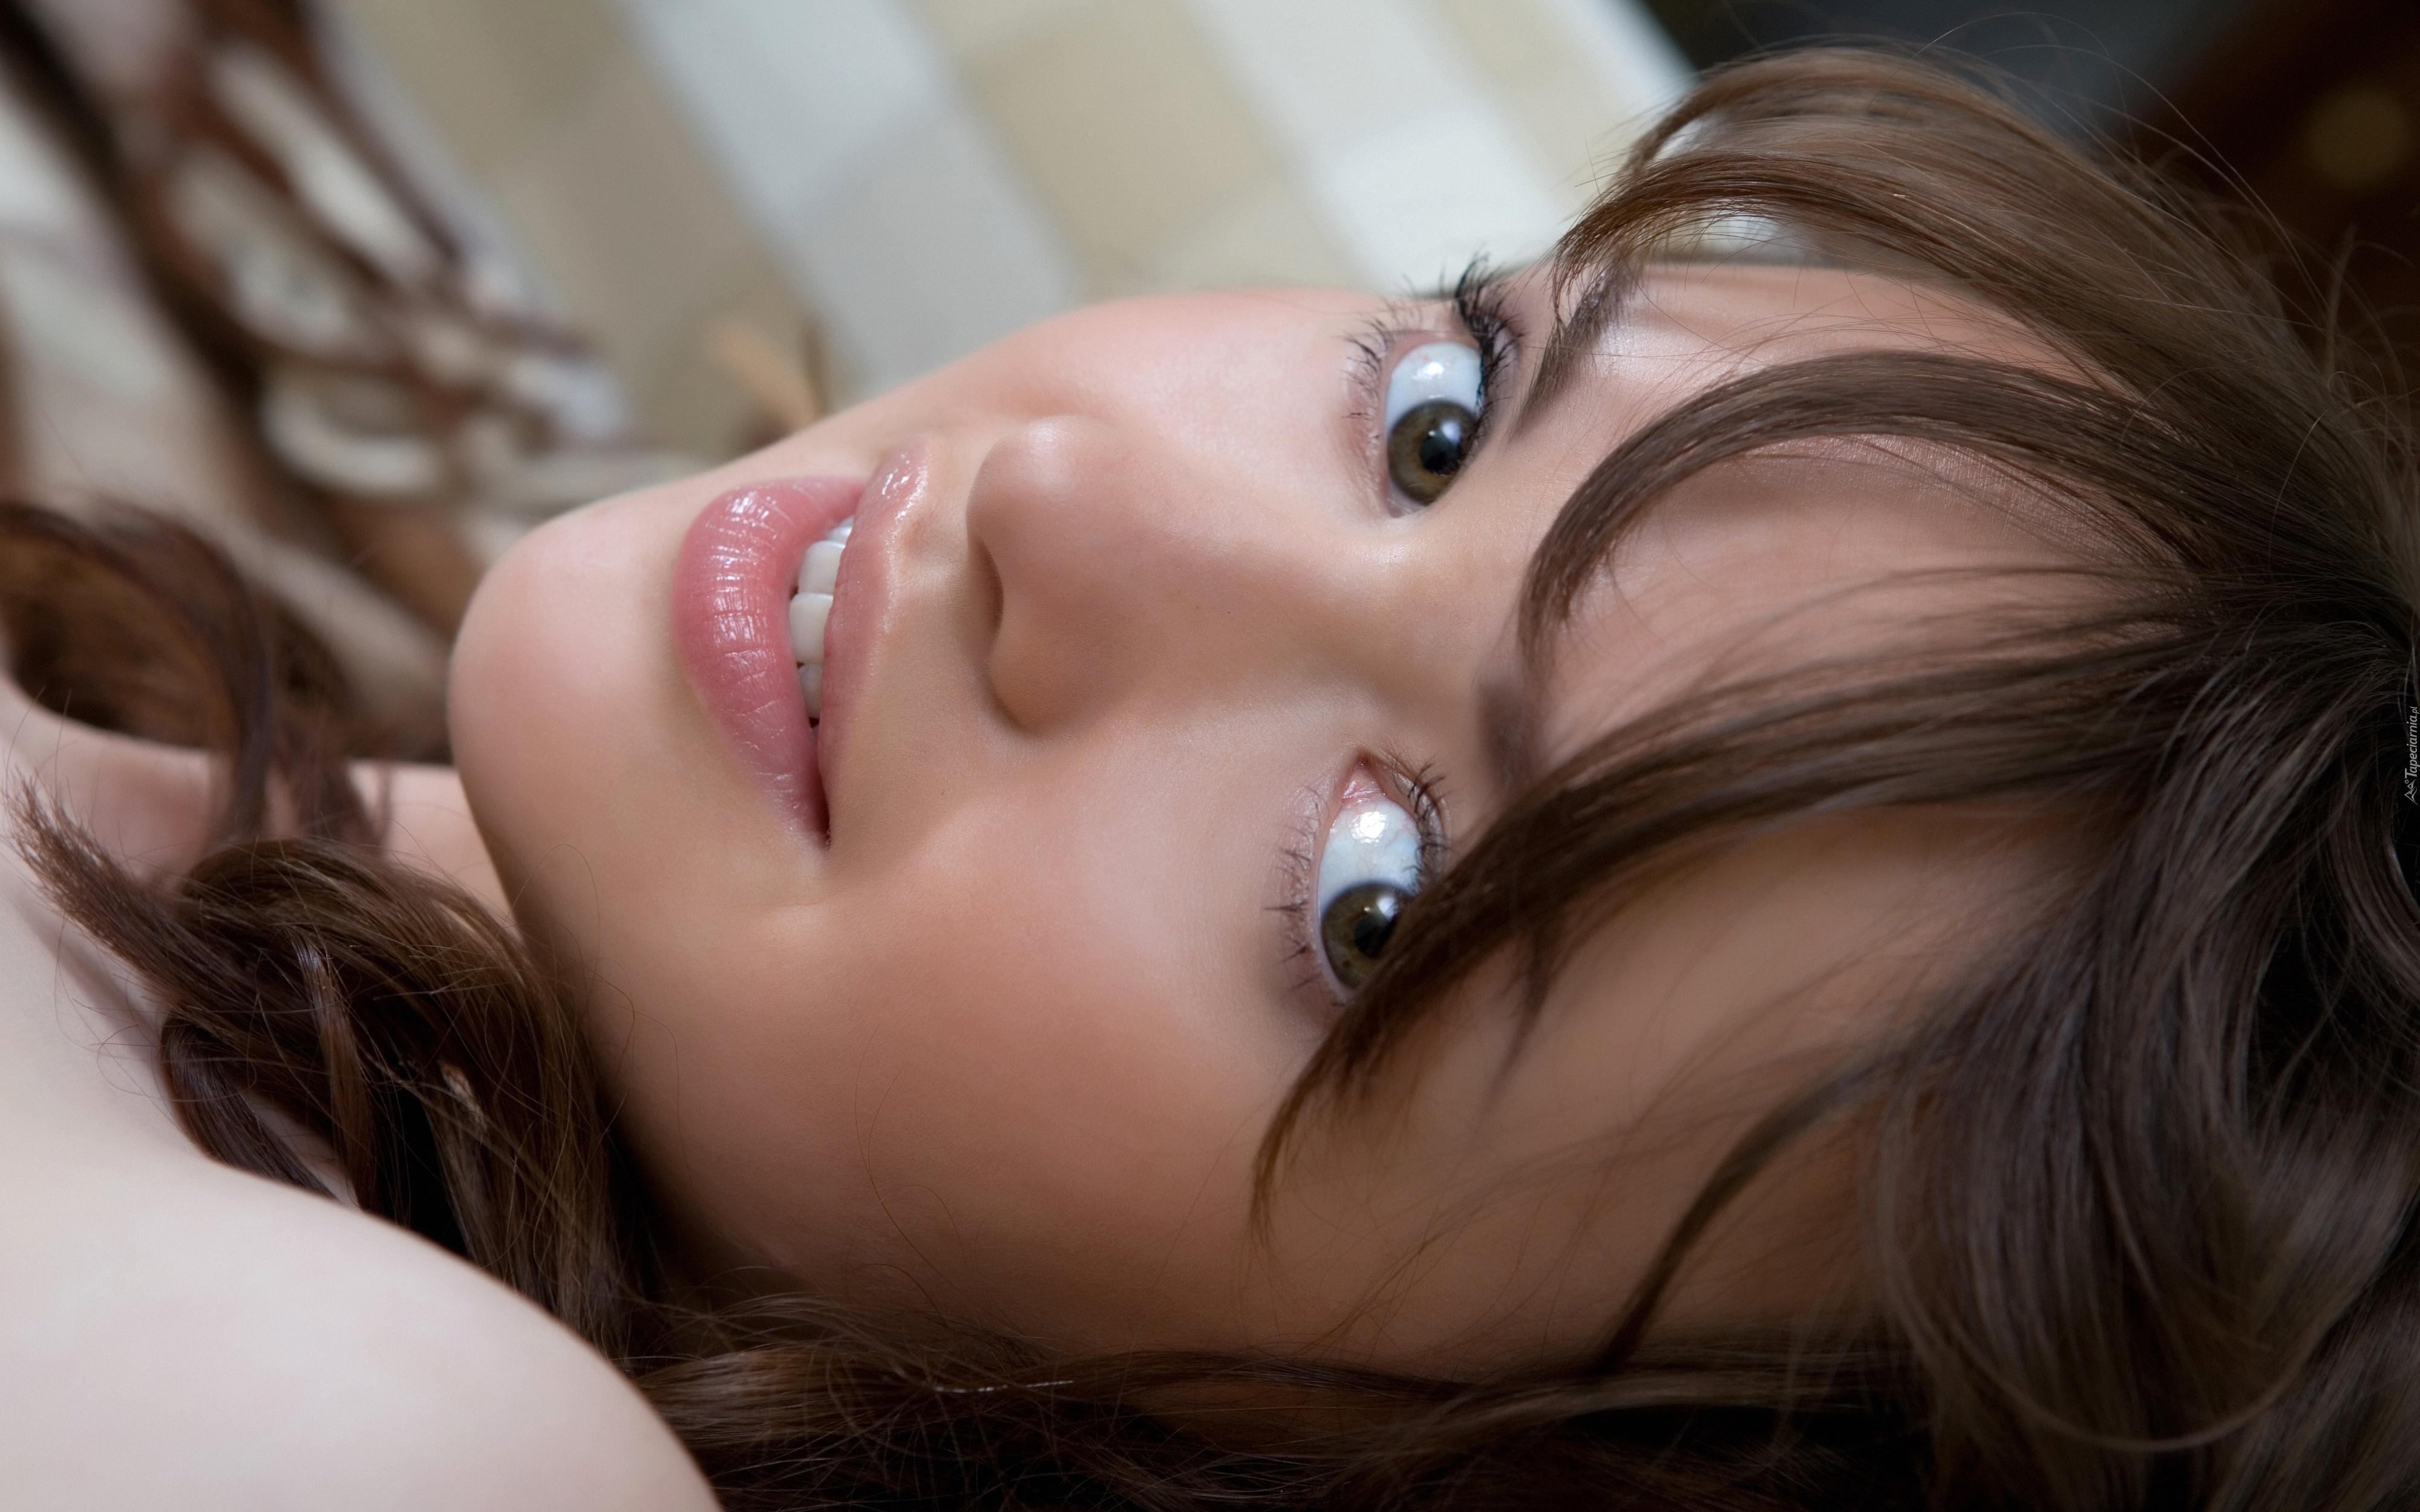 девушка милая лицо взгляд брюнетка глаза  № 649011 бесплатно